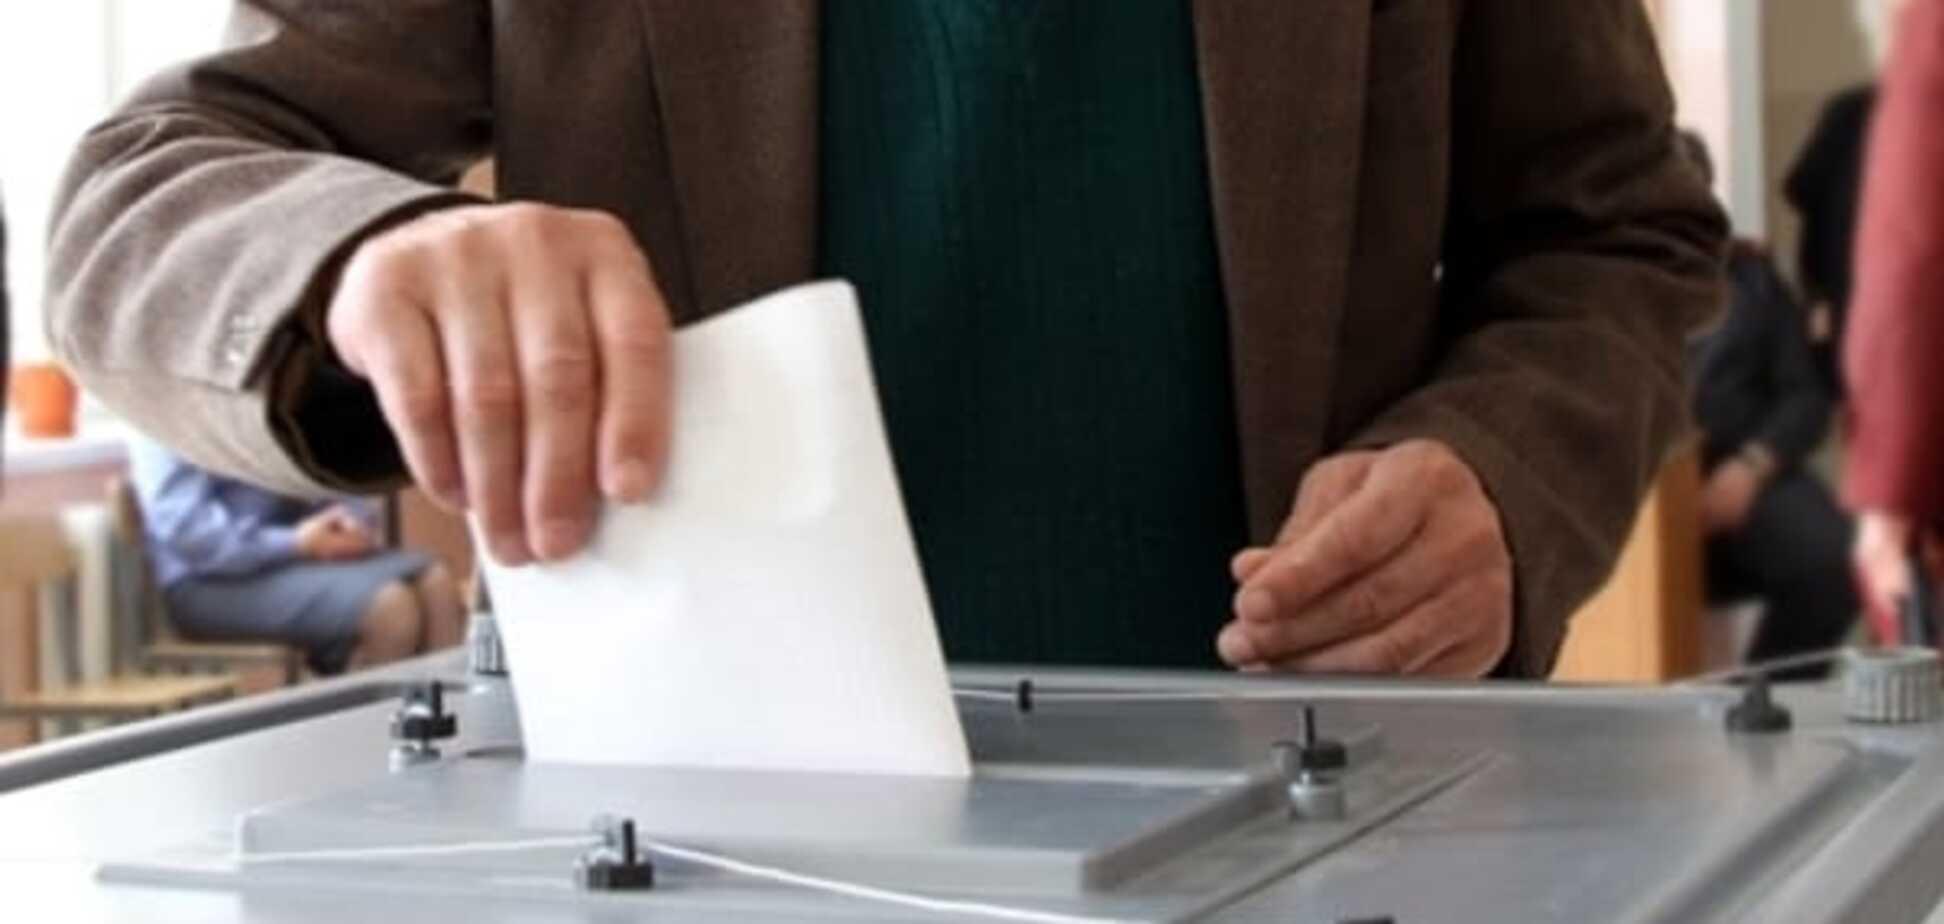 ЗМІ дізналися, хто вів передвиборну кампанію партій на місцевих виборах